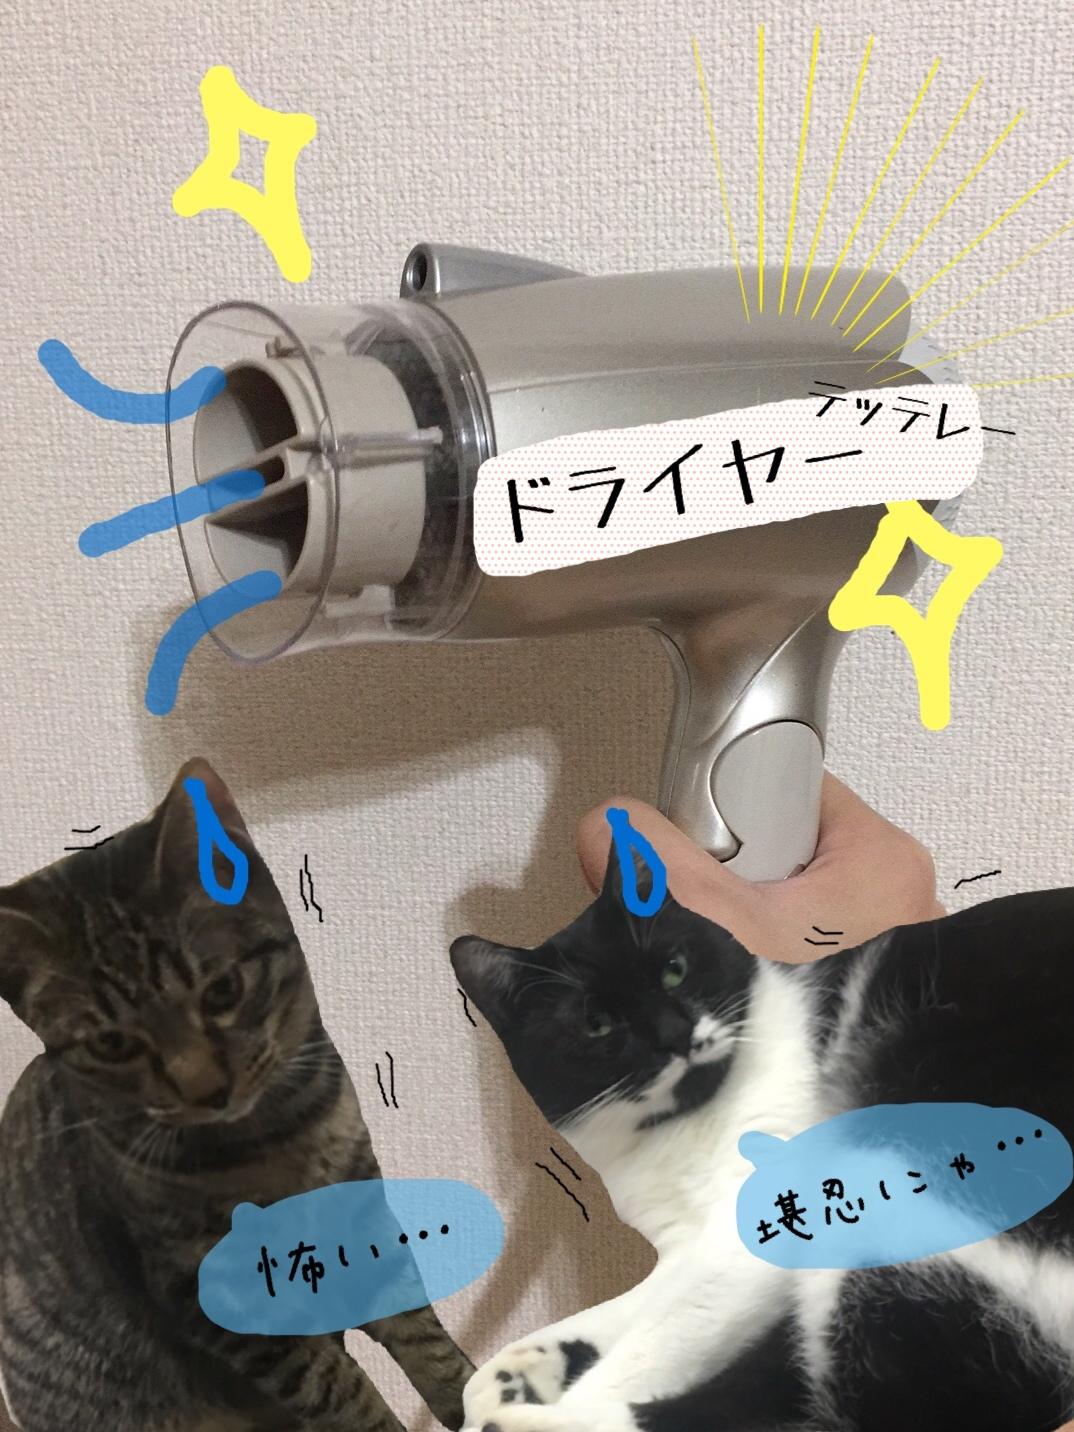 猫が大嫌いなドライヤーと掃除機についてとお風呂上りに乾かすおすすめグッズまとめ